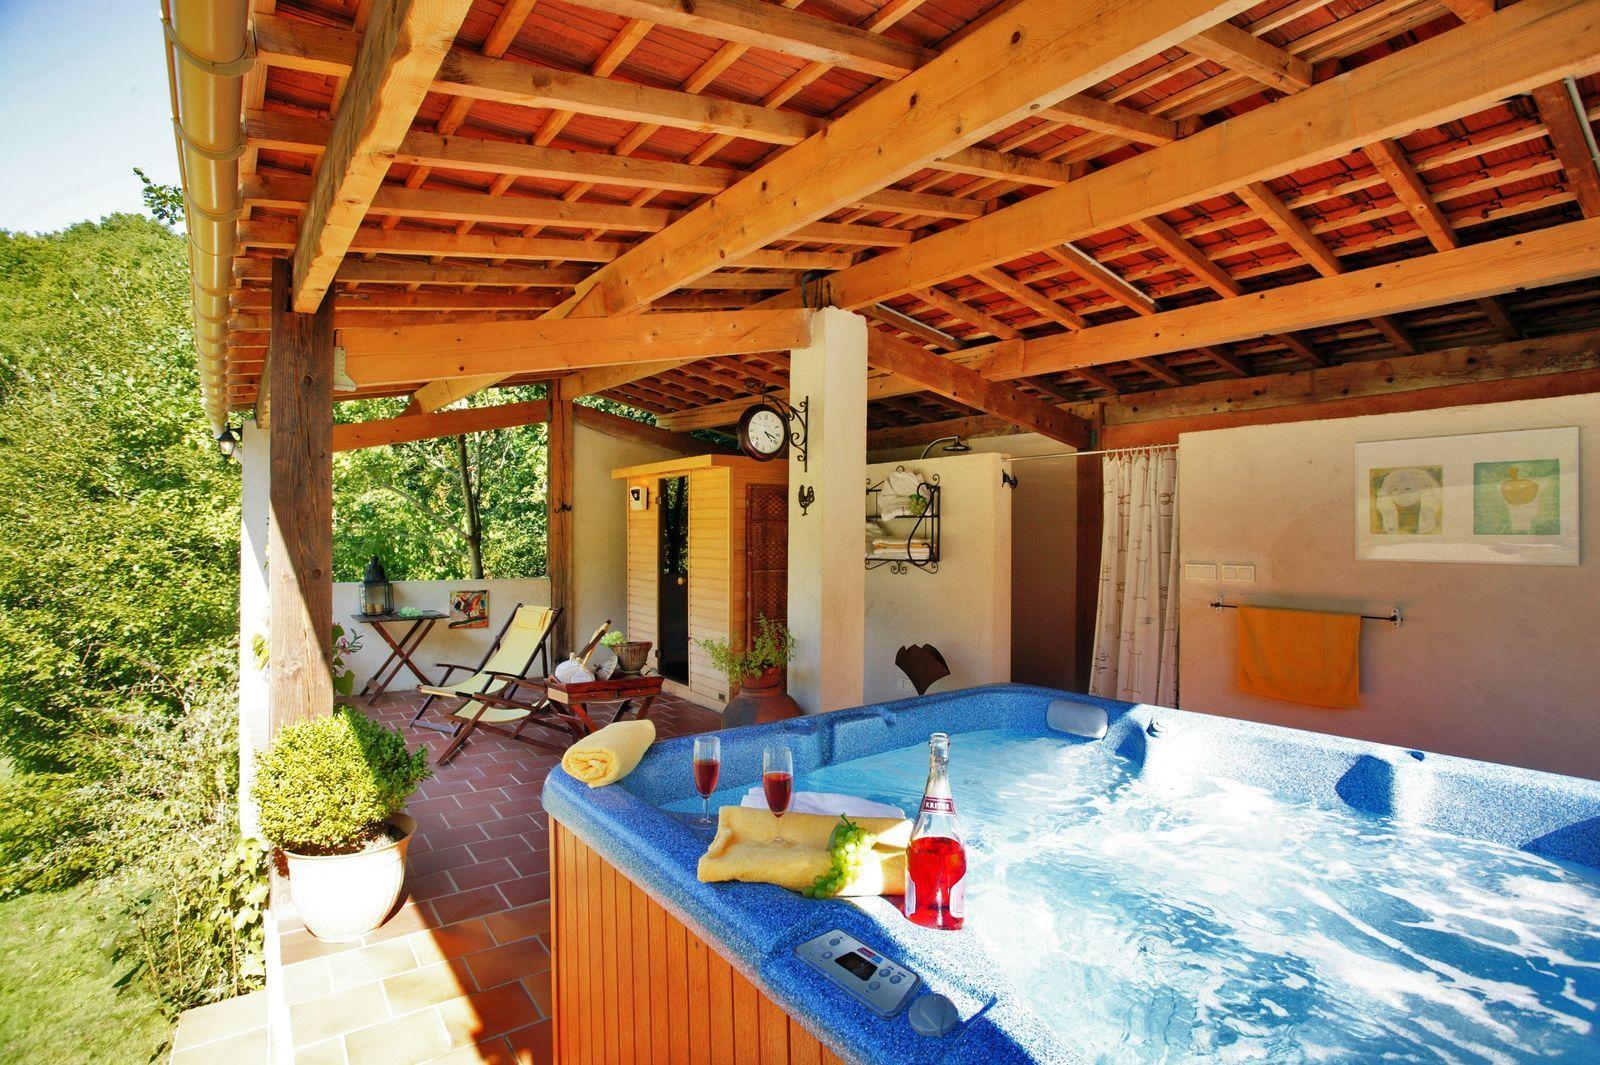 La Nouvelle Source - Isabel vakantiehuis Frankrijk met zwembad